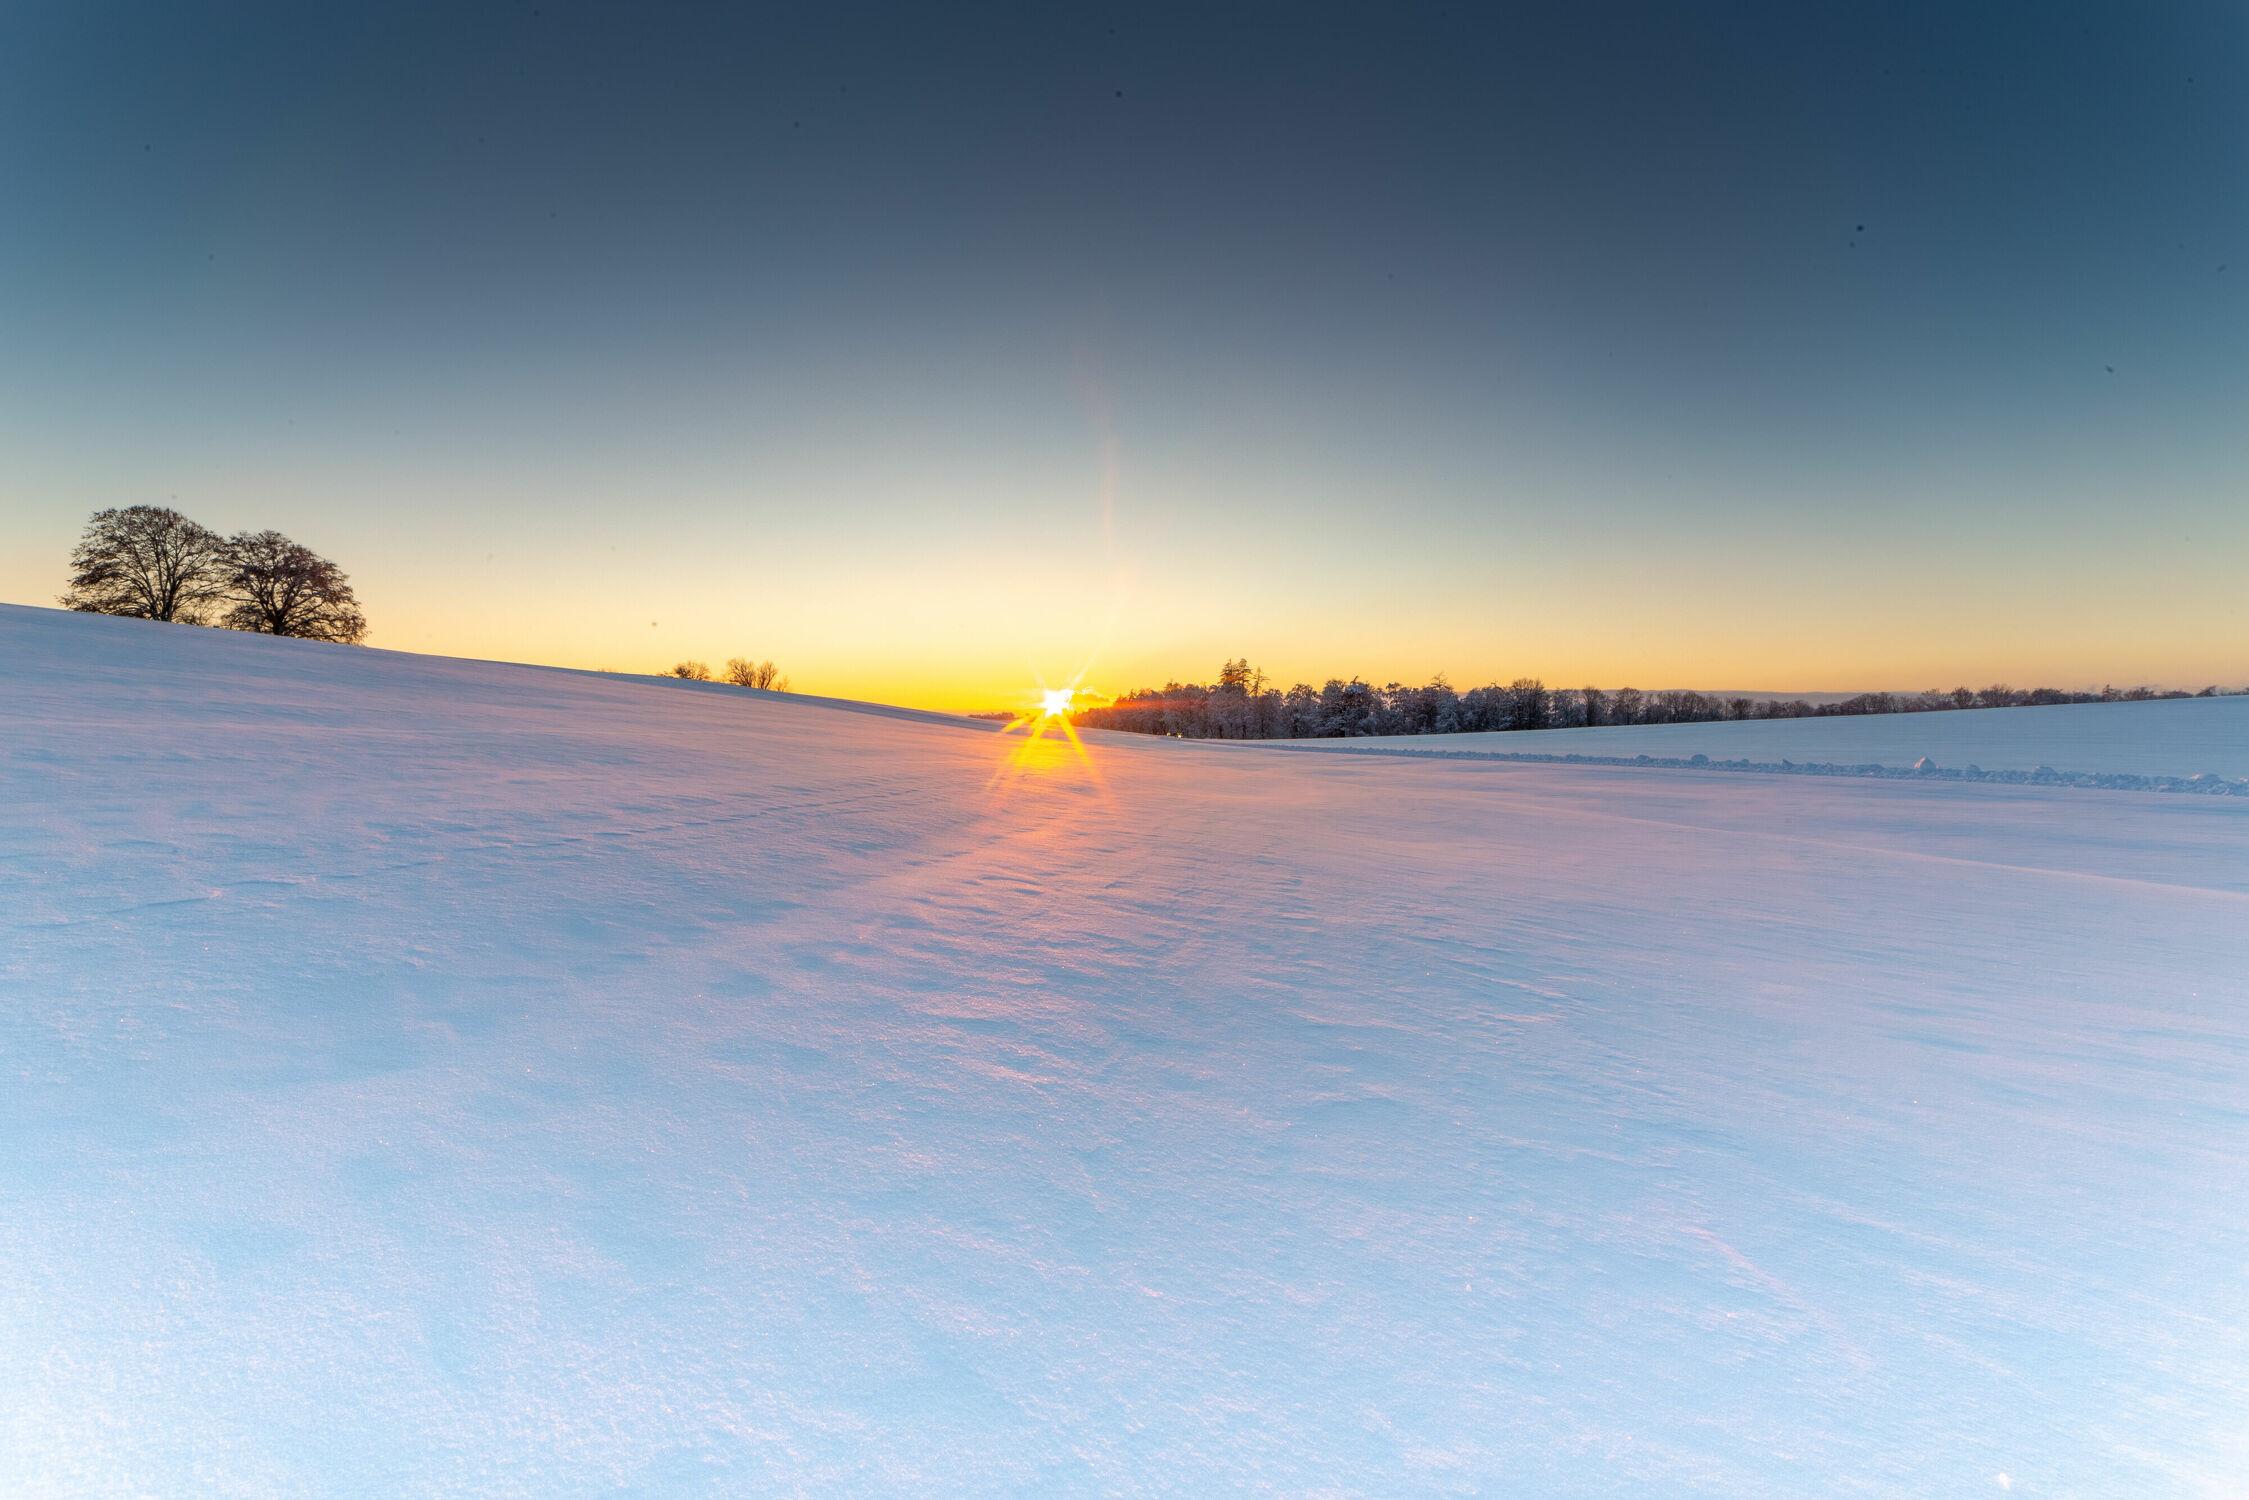 Bild mit Schnee, Sonnenuntergang, Schaffhausen